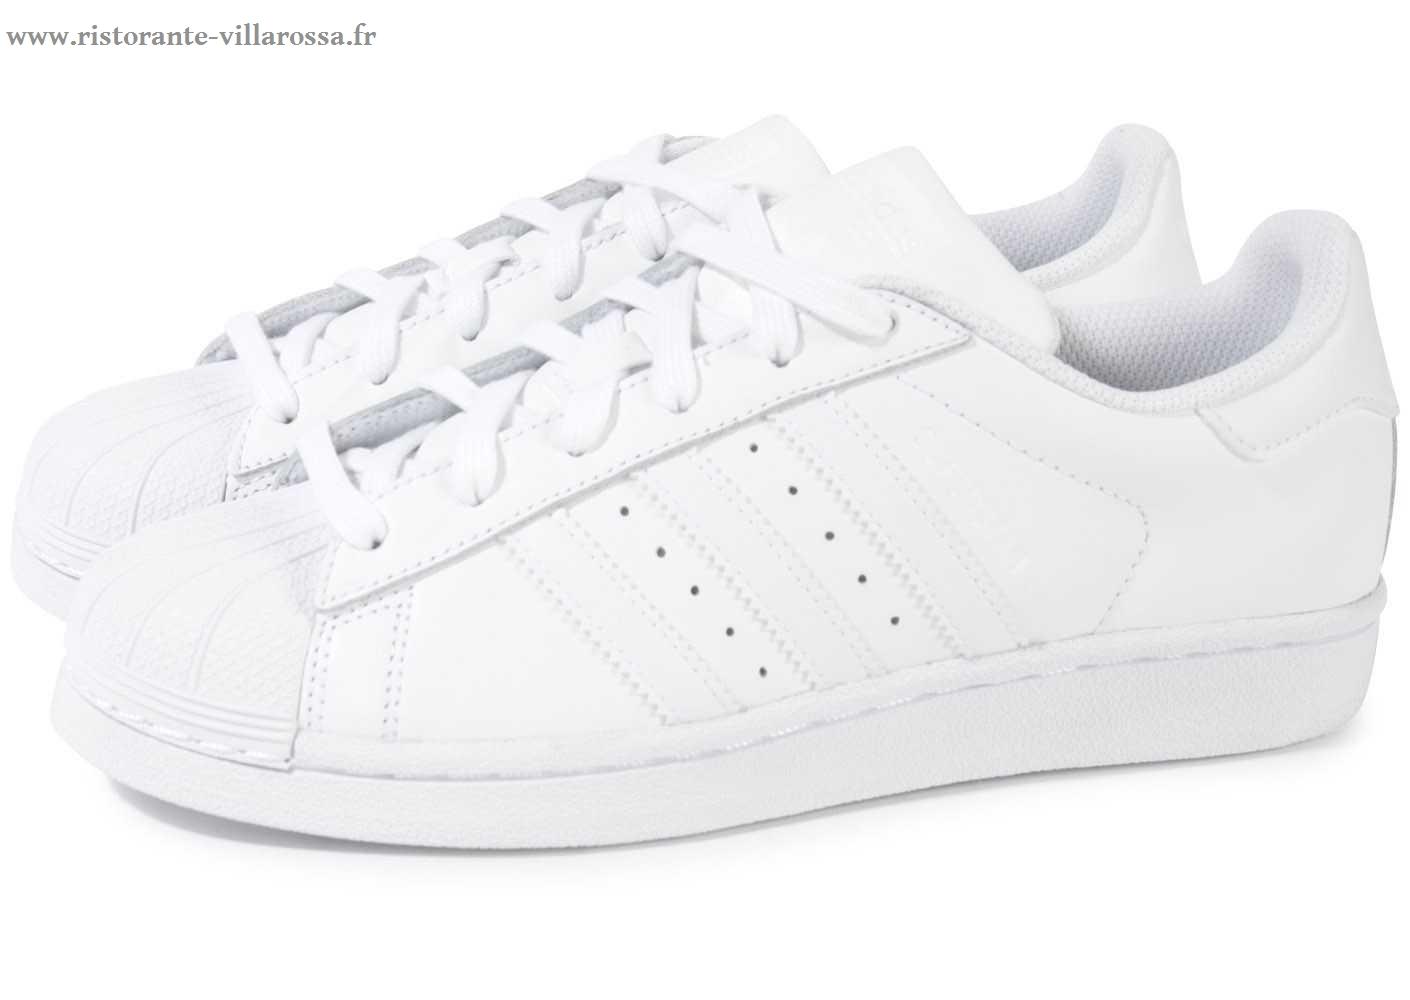 check-out 27e12 b4f58 Promotion de groupe adidas superstar femme blanc.Dédié à ...